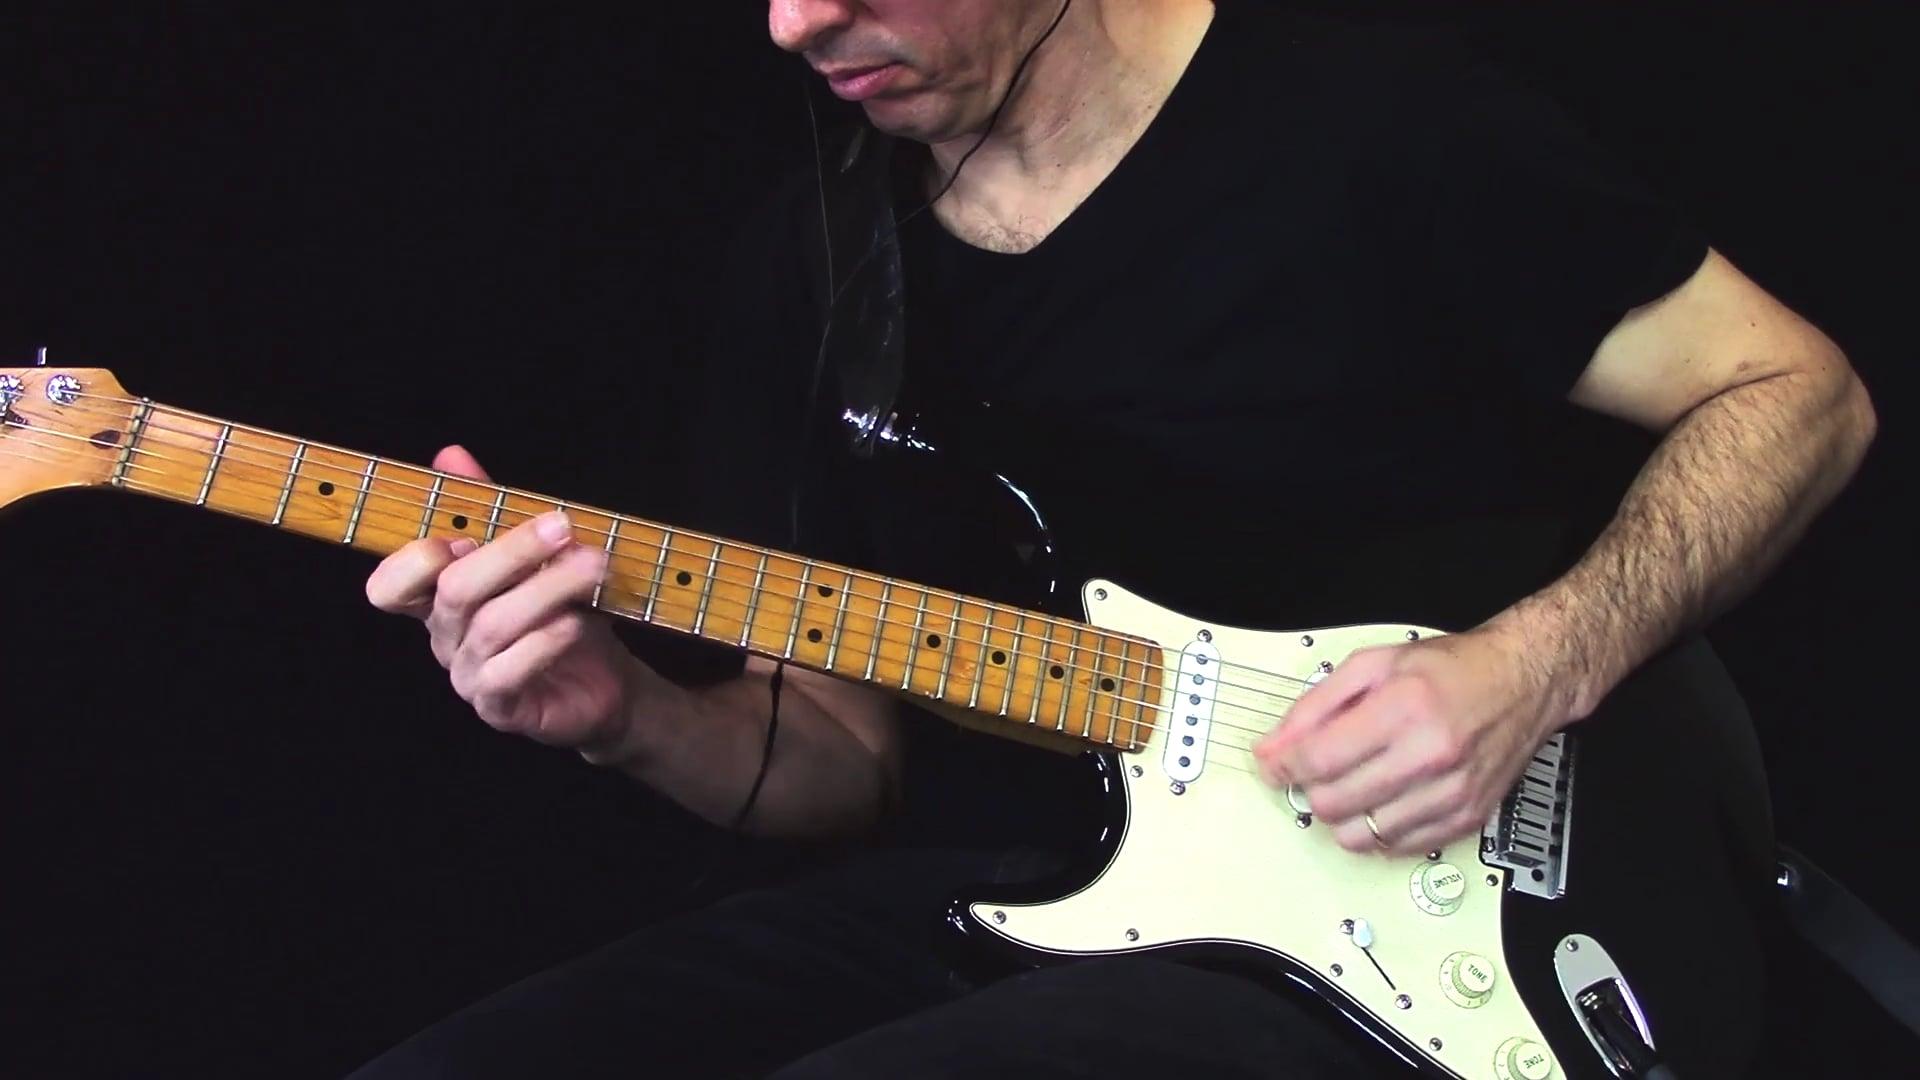 Intenção menor melódica no blues